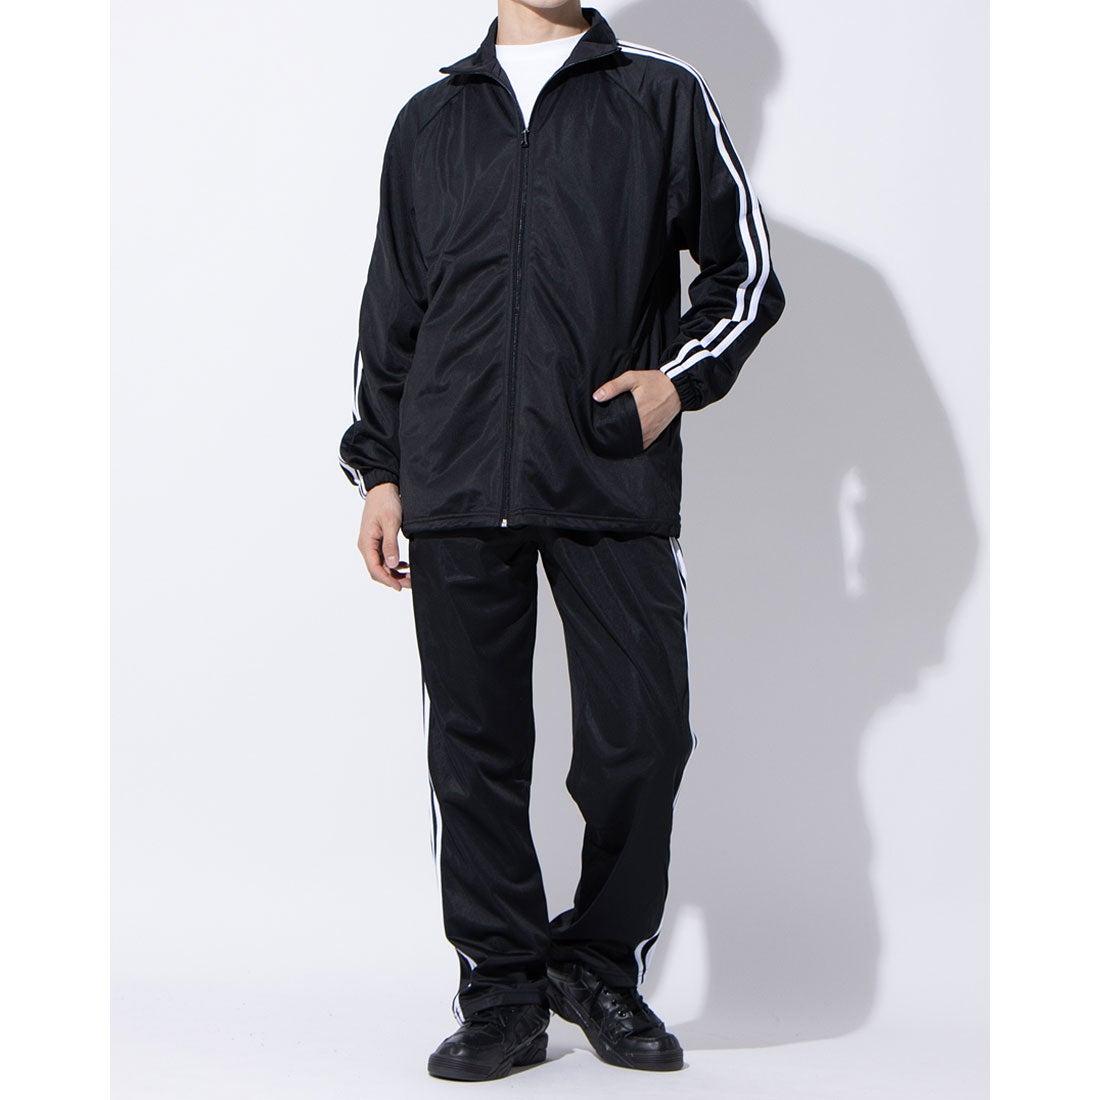 ロコンド 靴とファッションの通販サイトスタイルブロック STYLEBLOCK トリコット2ラインジャージ上下セット (ブラック×ホワイト)